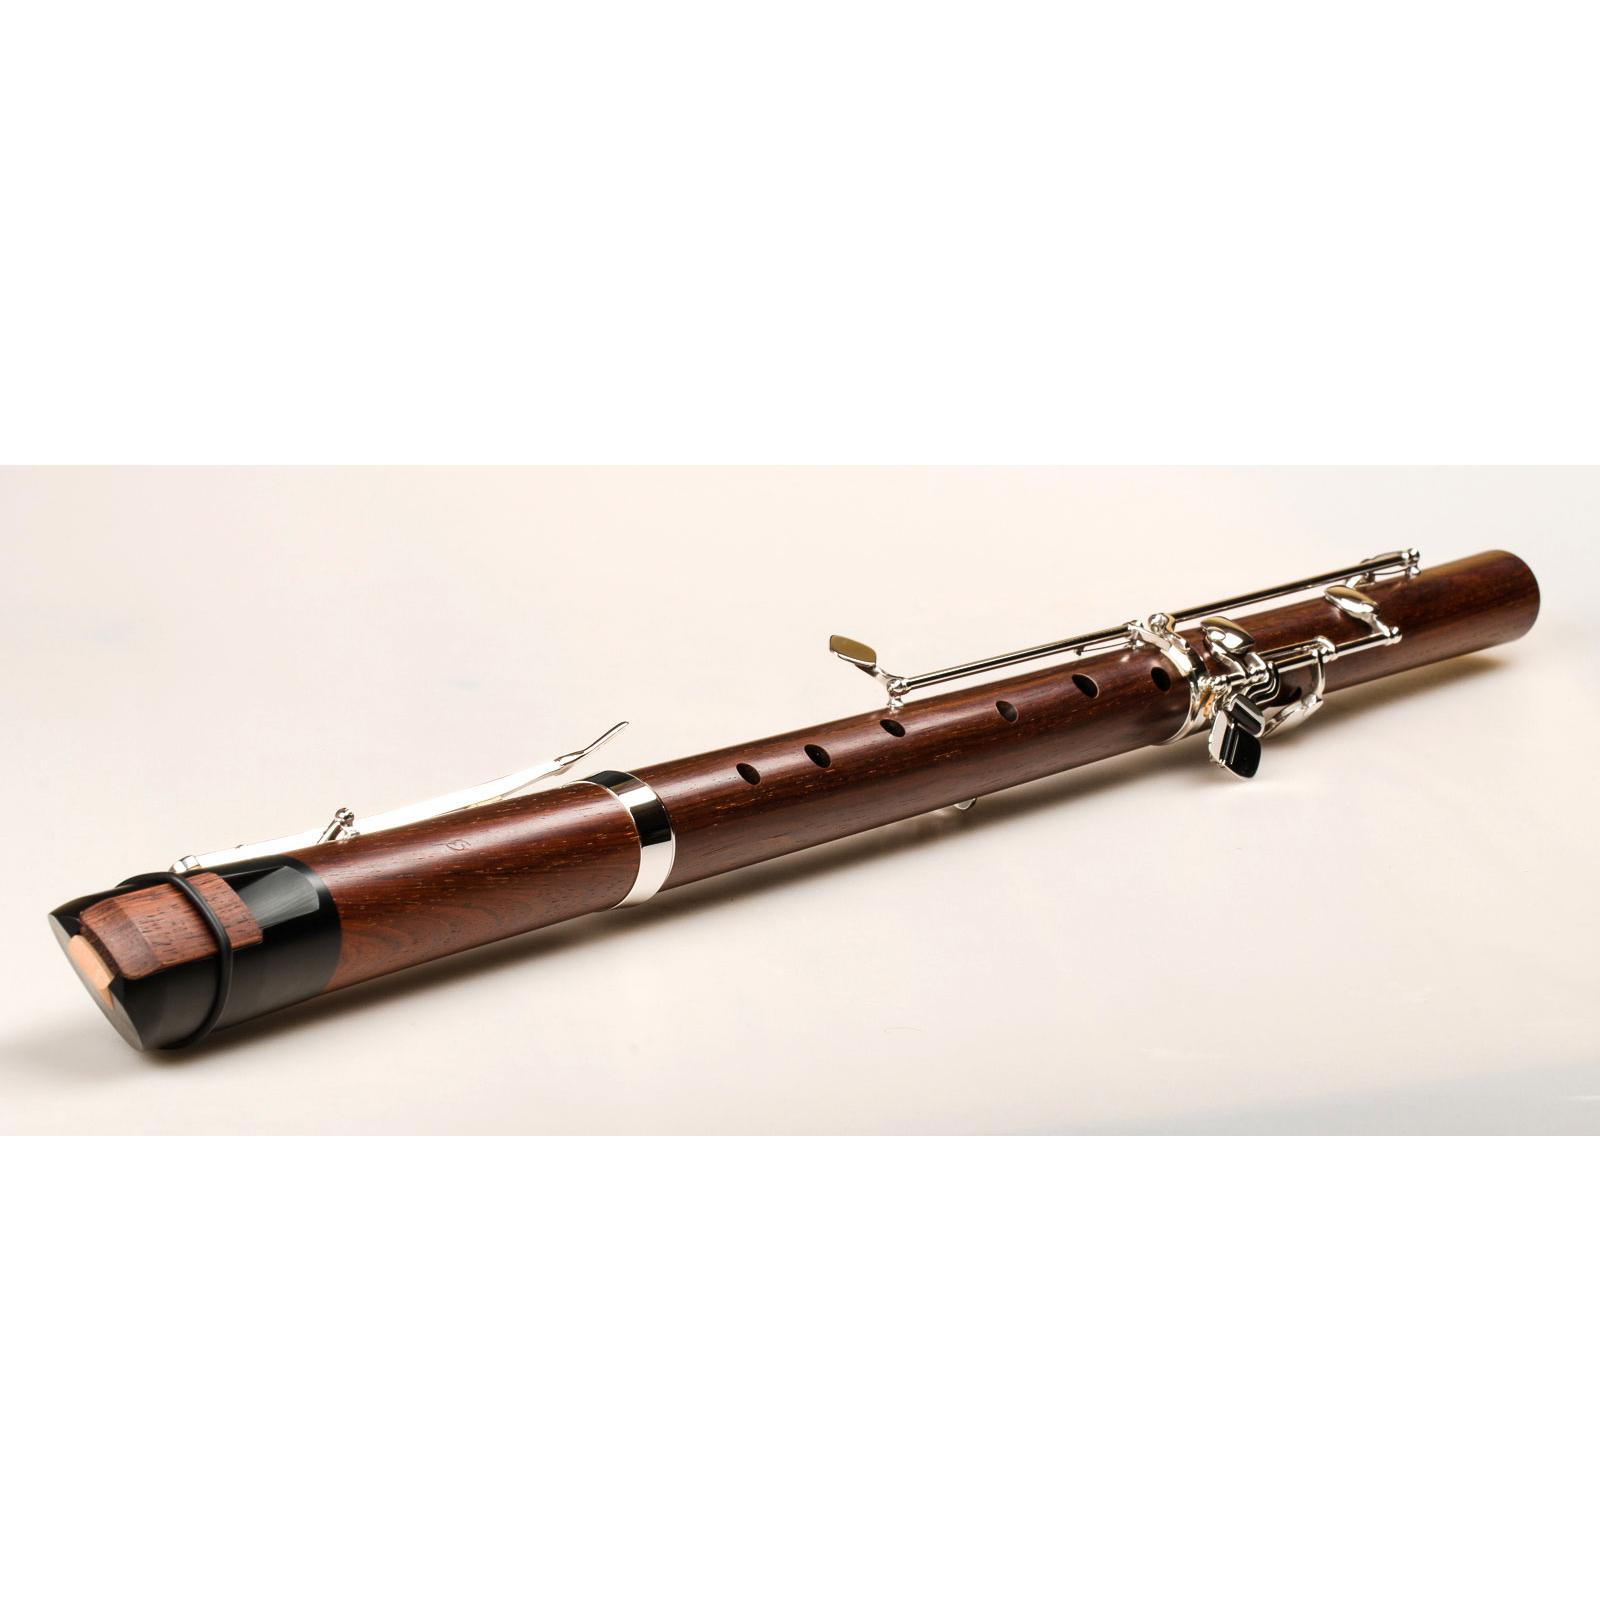 Modern Classroom Recorder ~ Harmonic recorder mollenhauer maarten helder tenor with